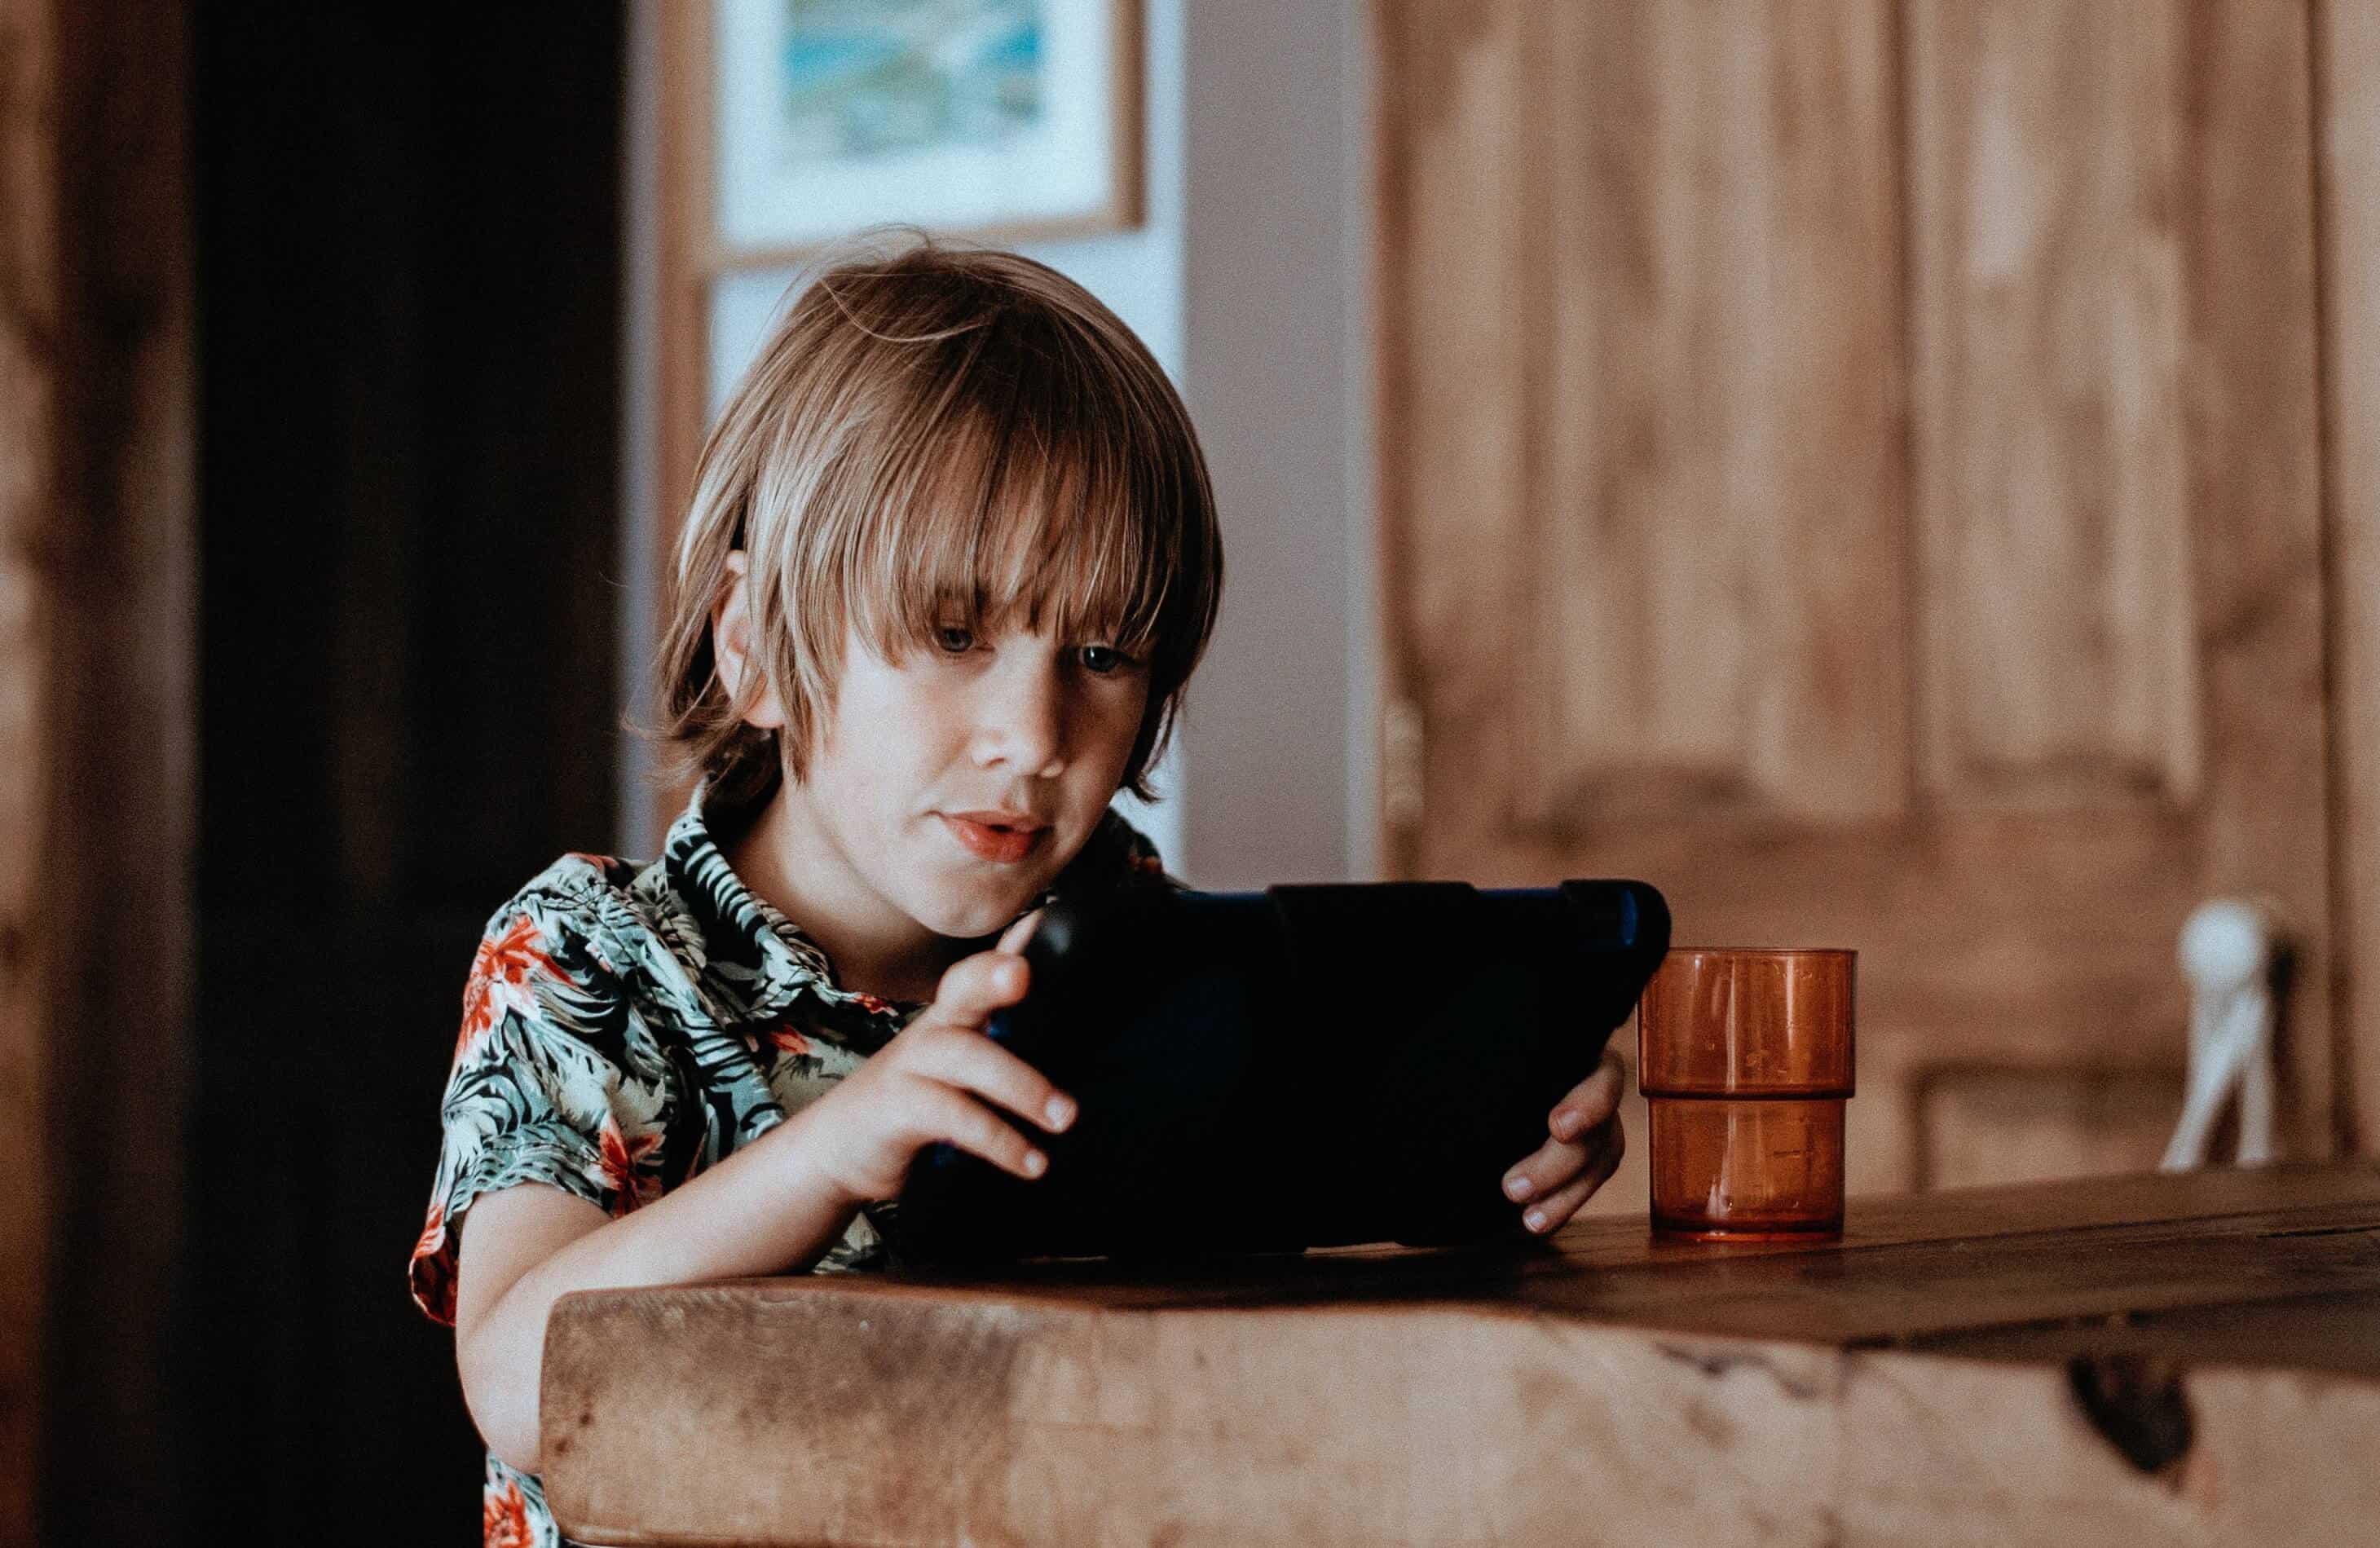 Boy looking at iPad screen